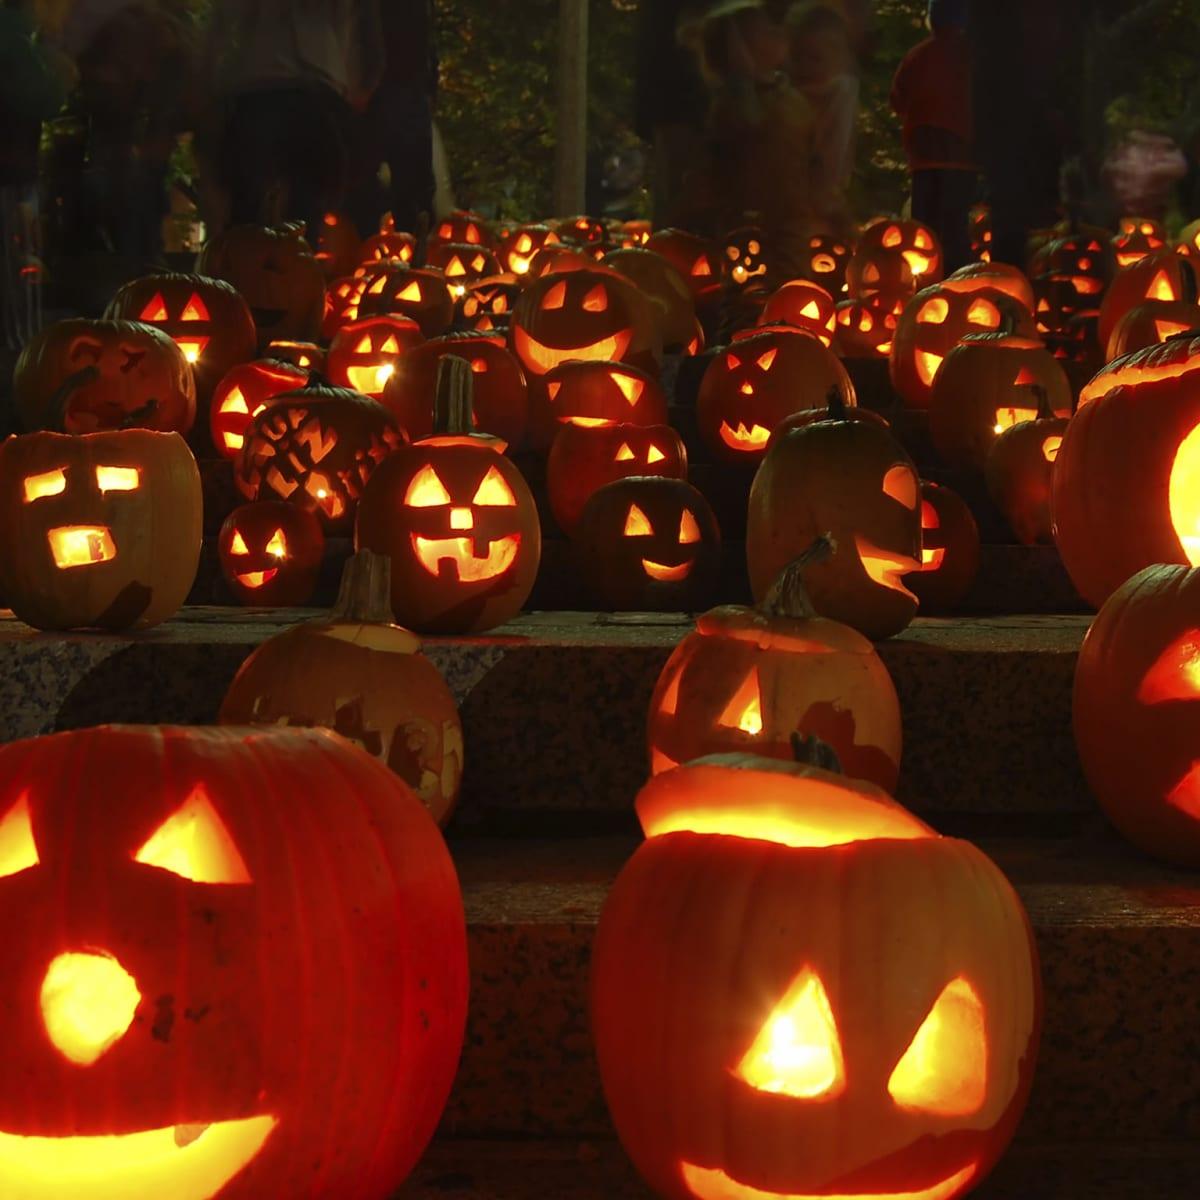 صور هالوين جميلة 2020 صور عيد الهالوين صور Halloween 17